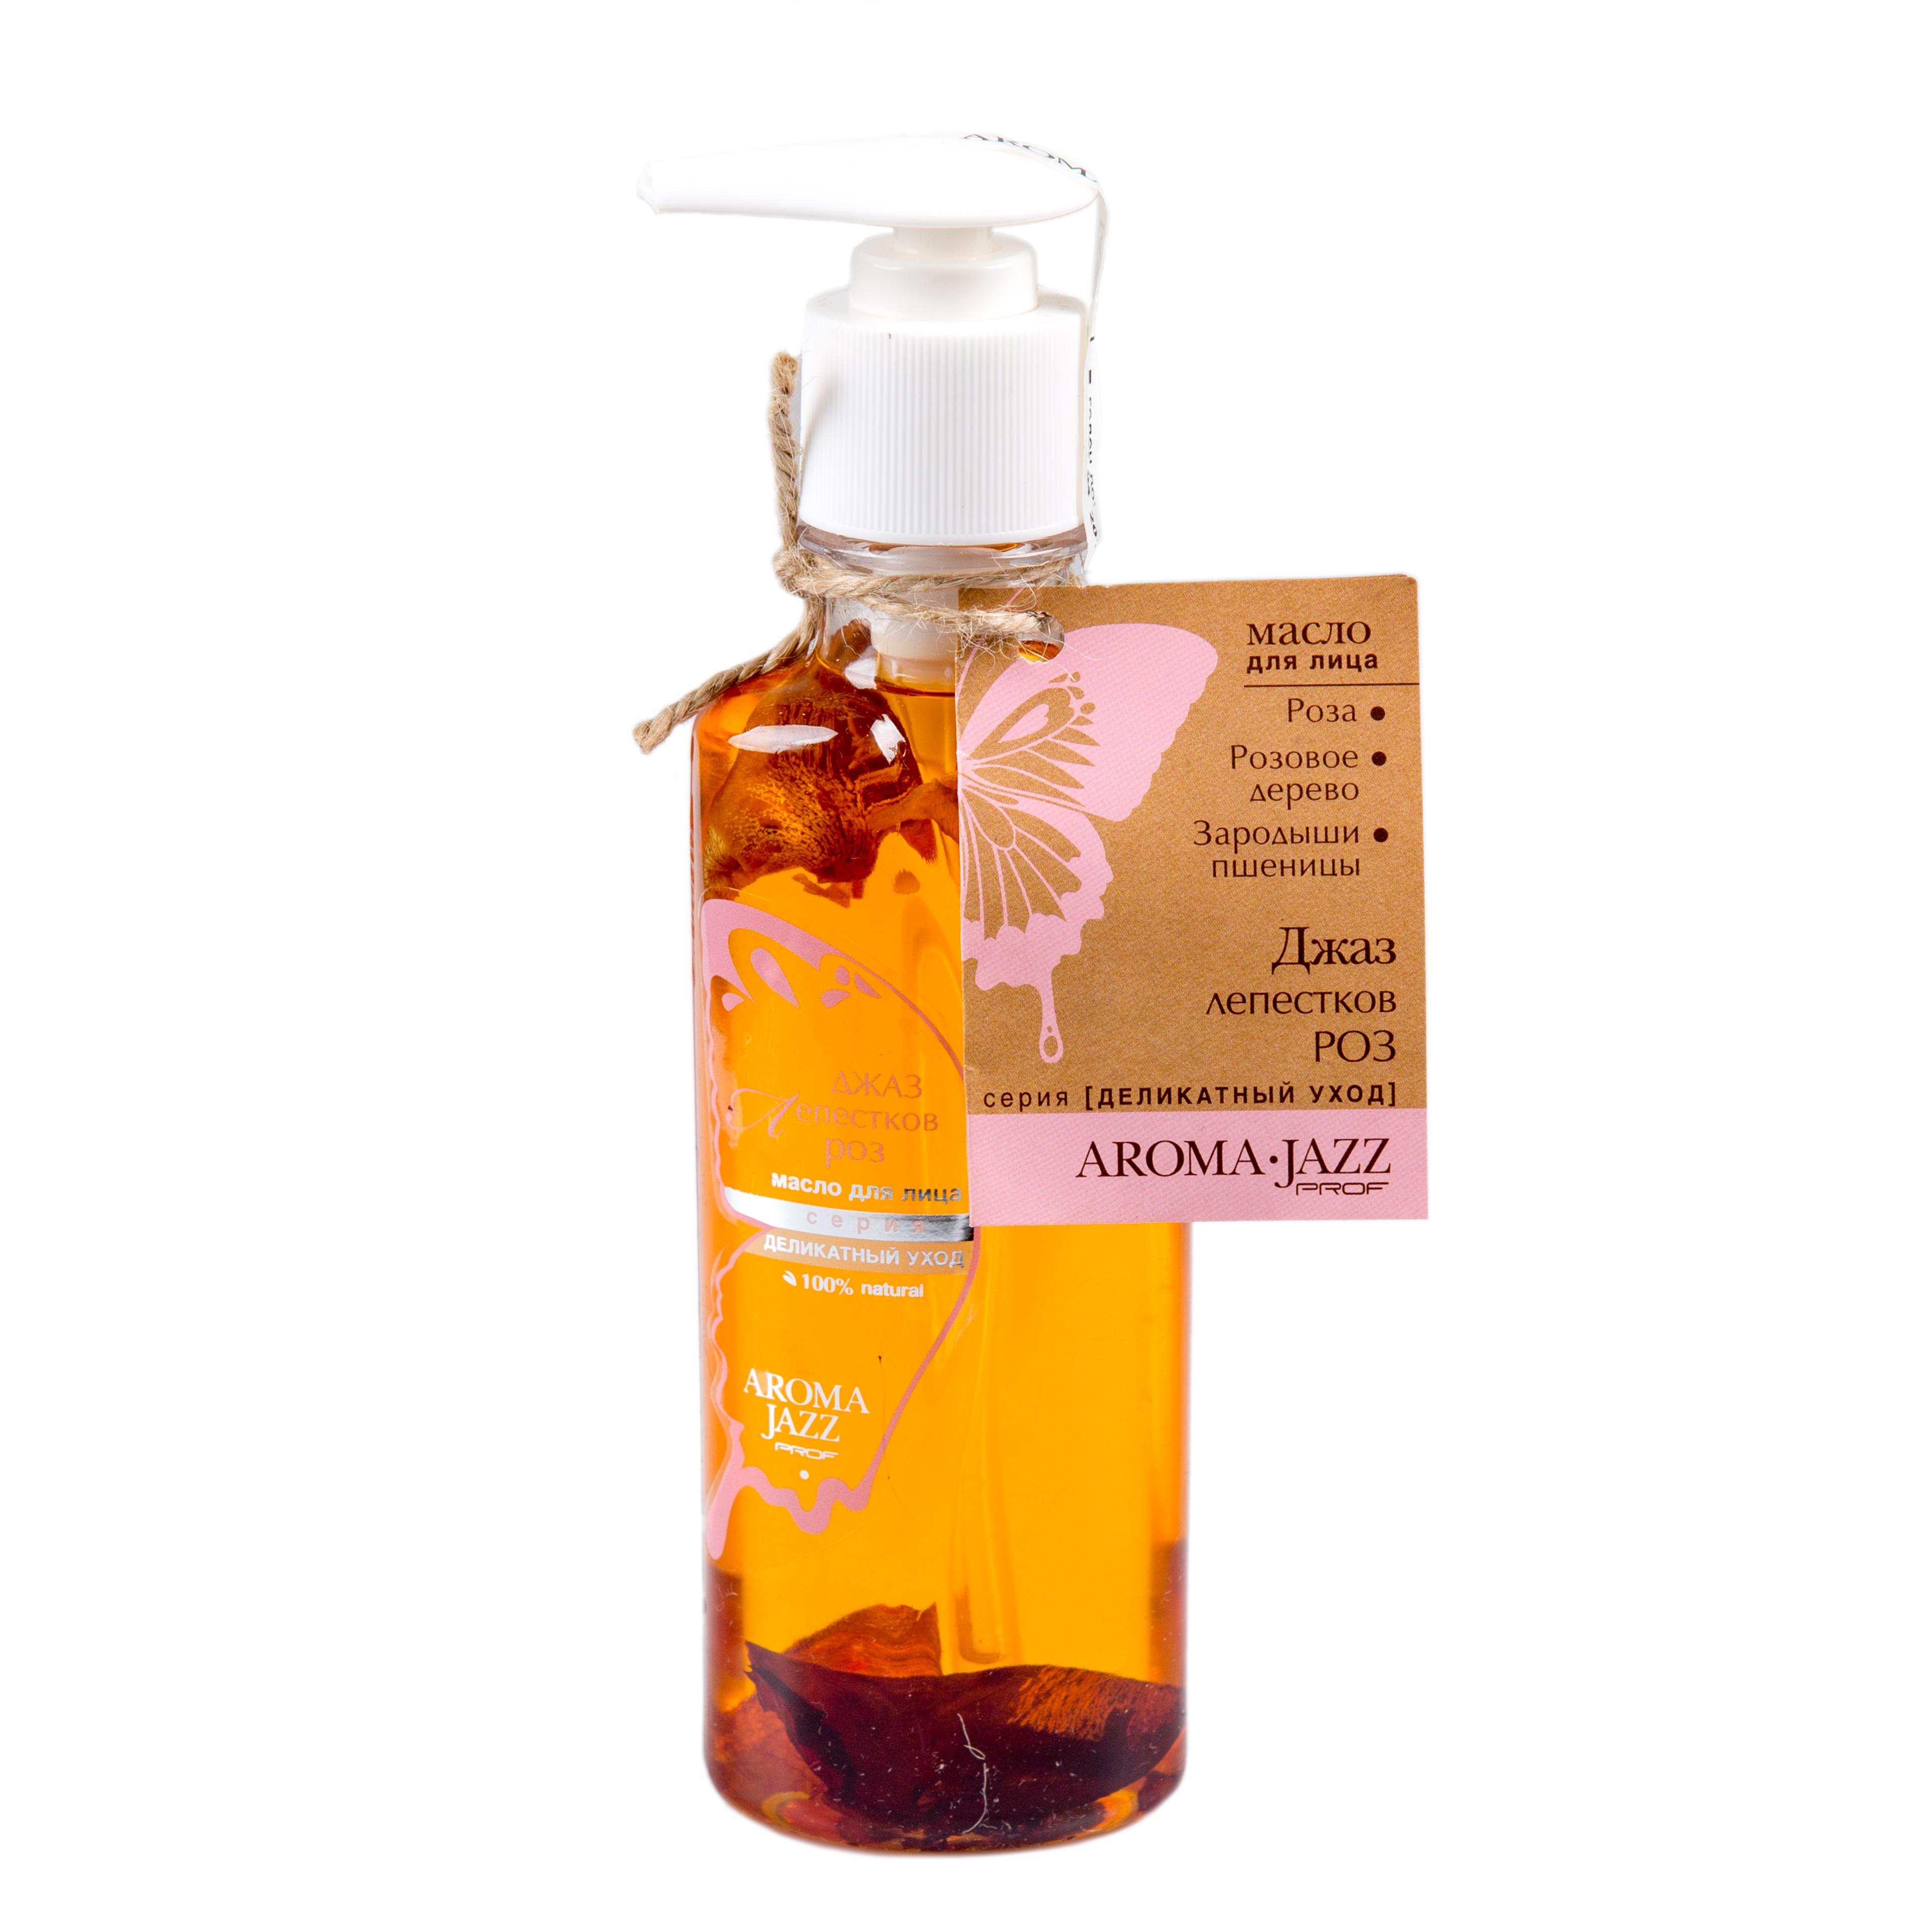 AROMA JAZZ Масло массажное жидкое для лица Джаз лепестков роз 200млМасла<br>Жидкое масло для лица с омолаживающим эффектом для суперчувствительной кожи. Омолаживание, увлажнение, питание. Разглаживает морщины, восстанавливает контуры лица, способствует устранению капиллярного кровоизлияния, борется с раздражением, очищает и нормализует работу сальных желез. Масло устраняет отечность и темные круги под глазами, припухлость век, обладает сильнейшим омолаживающим эффектом.  Джаз лепестков роз  великолепно подходит для ухода за зрелой чувствительной кожей. Активные ингредиенты:&amp;nbsp;экстракты проросшей пшеницы, розы, шиповника; эфирные масла розы, розового дерева, перечной мяты, розмарина. Способ применения: рекомендовано для массажа лица при суперчувствительной коже, втирания после душа и SPA-процедур в салоне и дома.<br><br>Вид средства для лица: Массажное<br>Типы кожи: Чувствительная